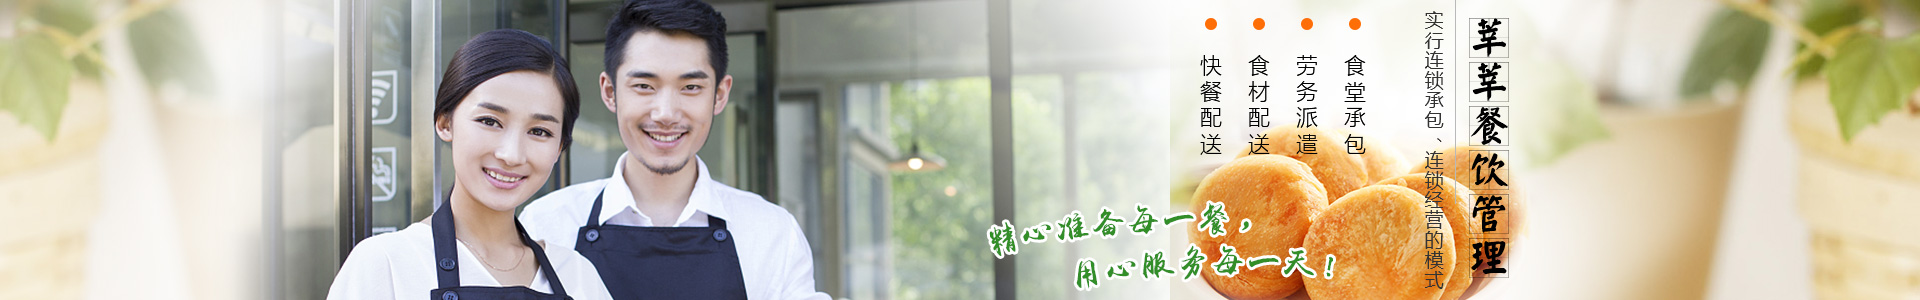 重庆食堂承包公司